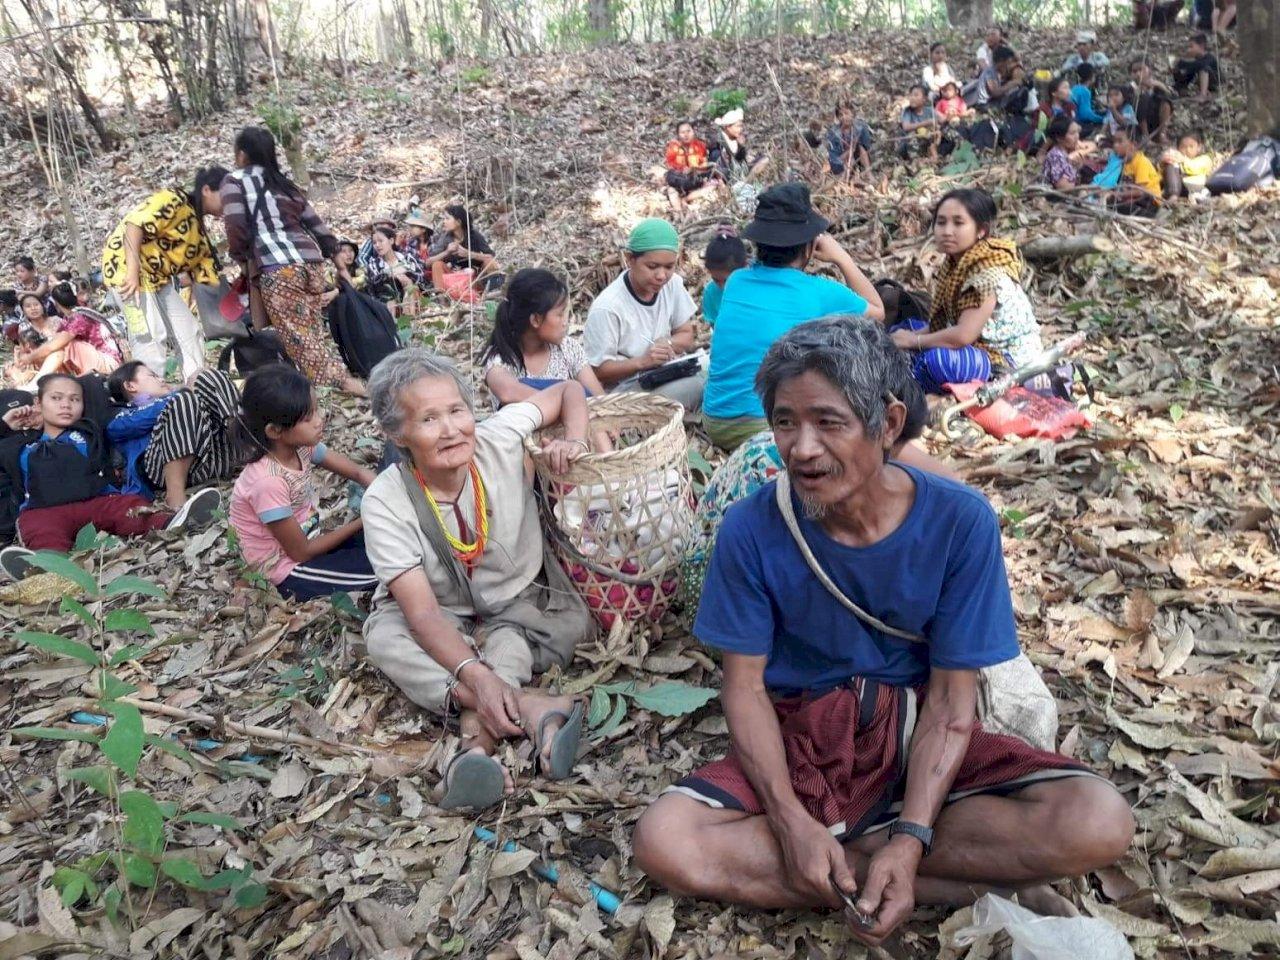 緬軍空襲少數民族區 千餘人越過邊境逃往泰國